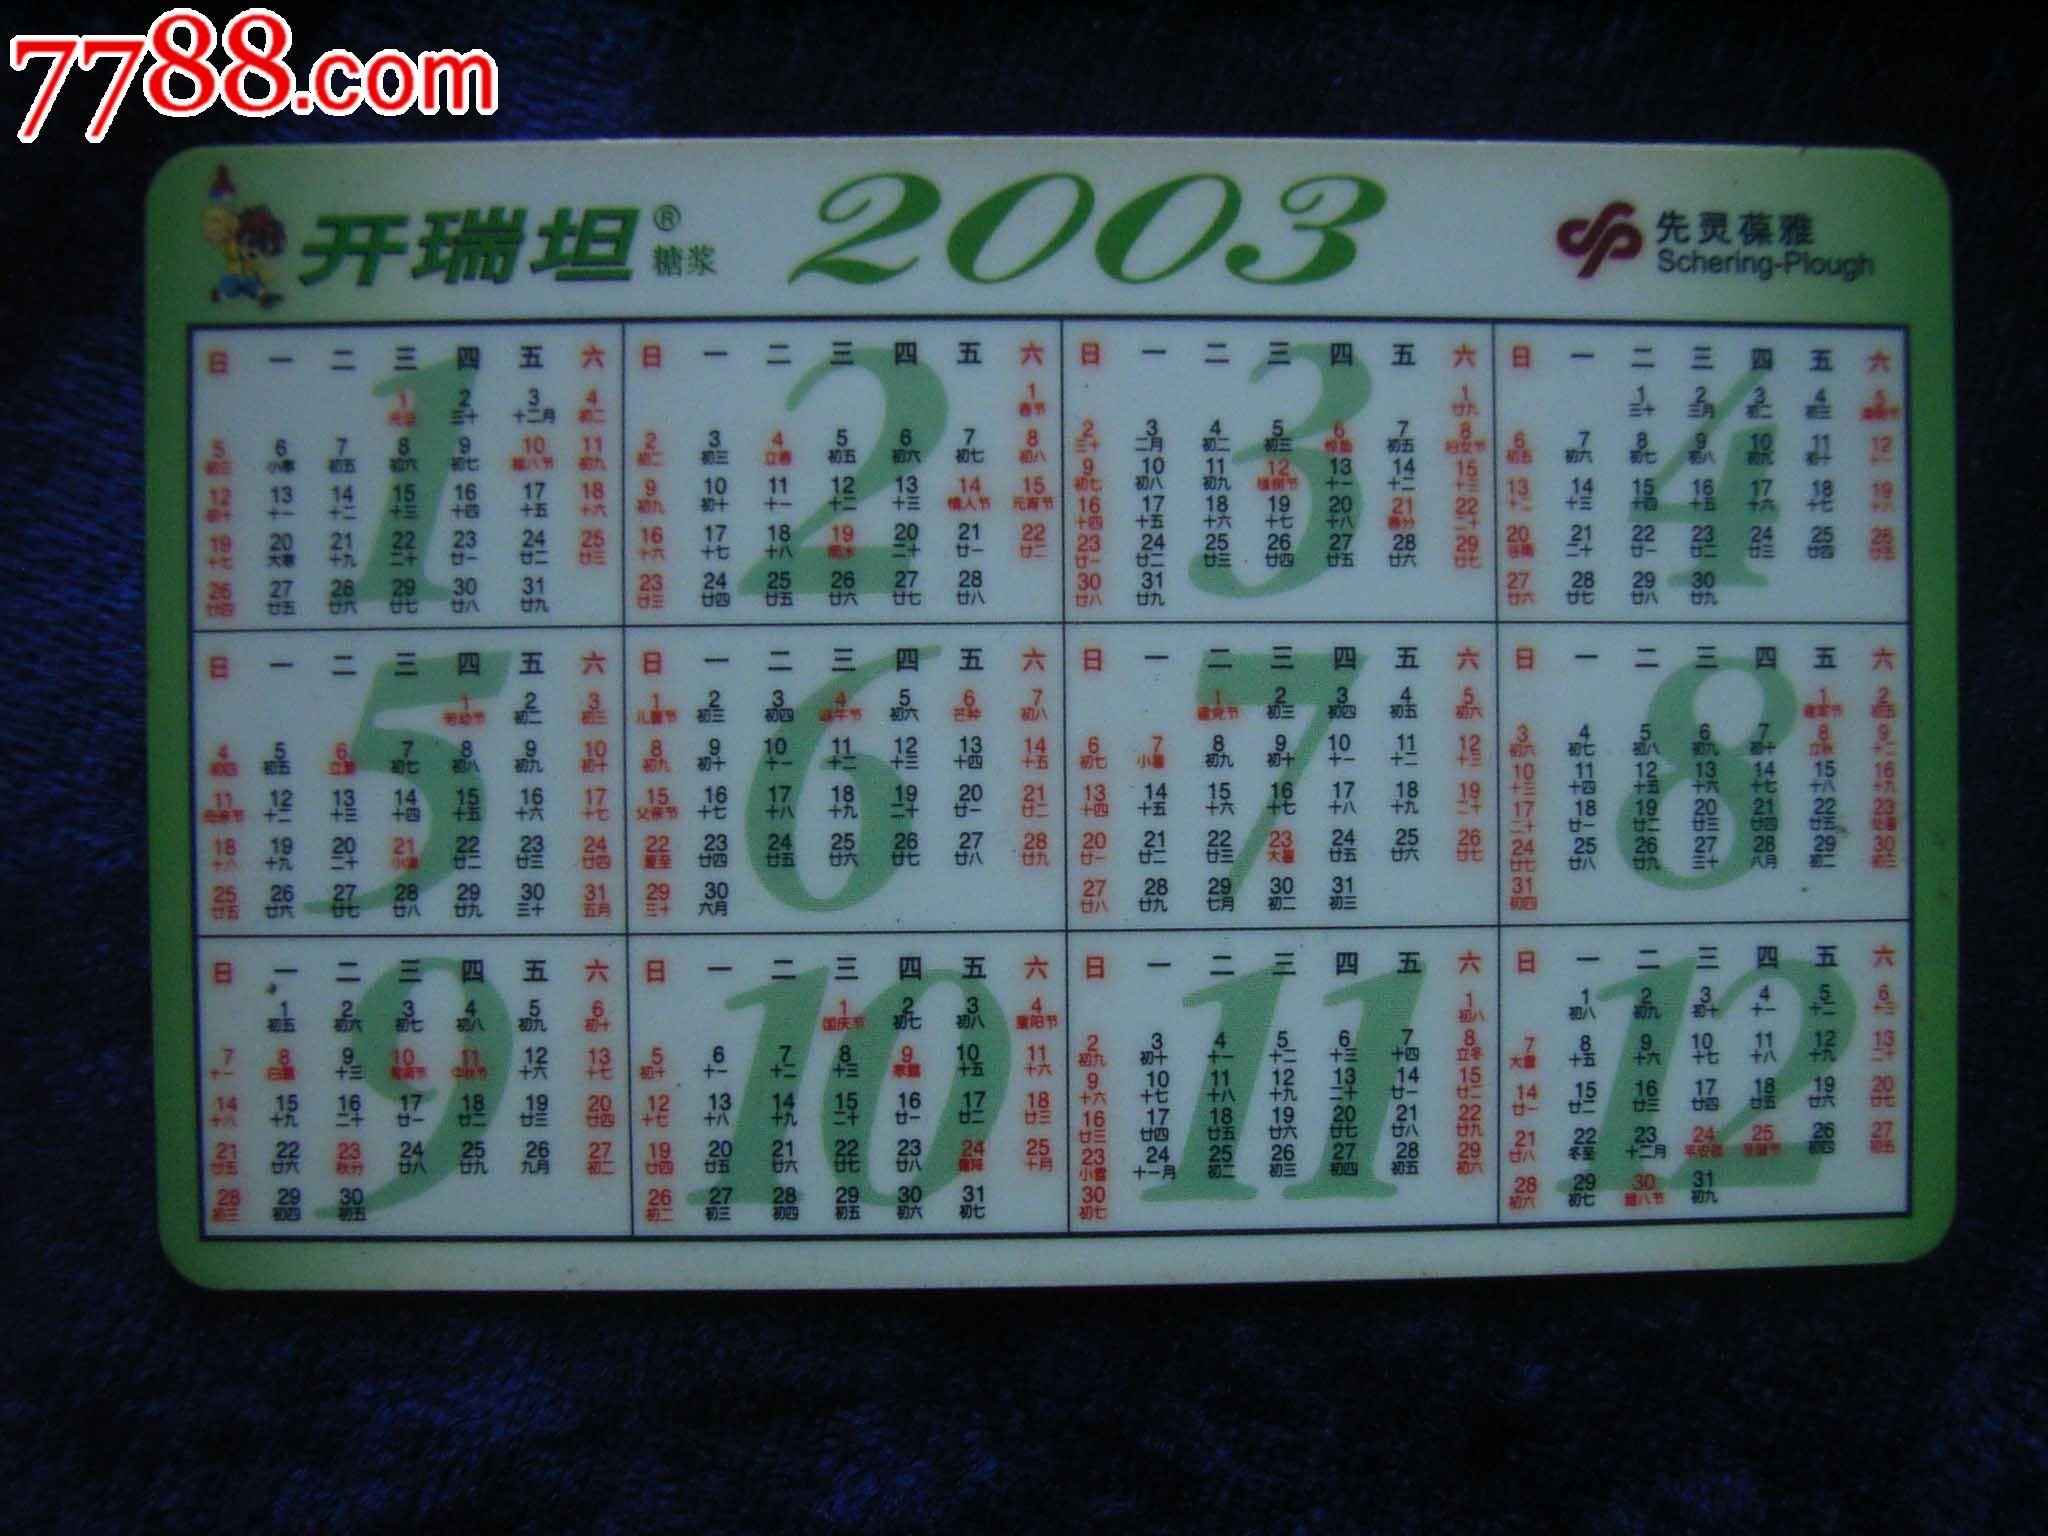 开瑞坦糖浆,2000-2009年,年历卡\/片,2003年,产